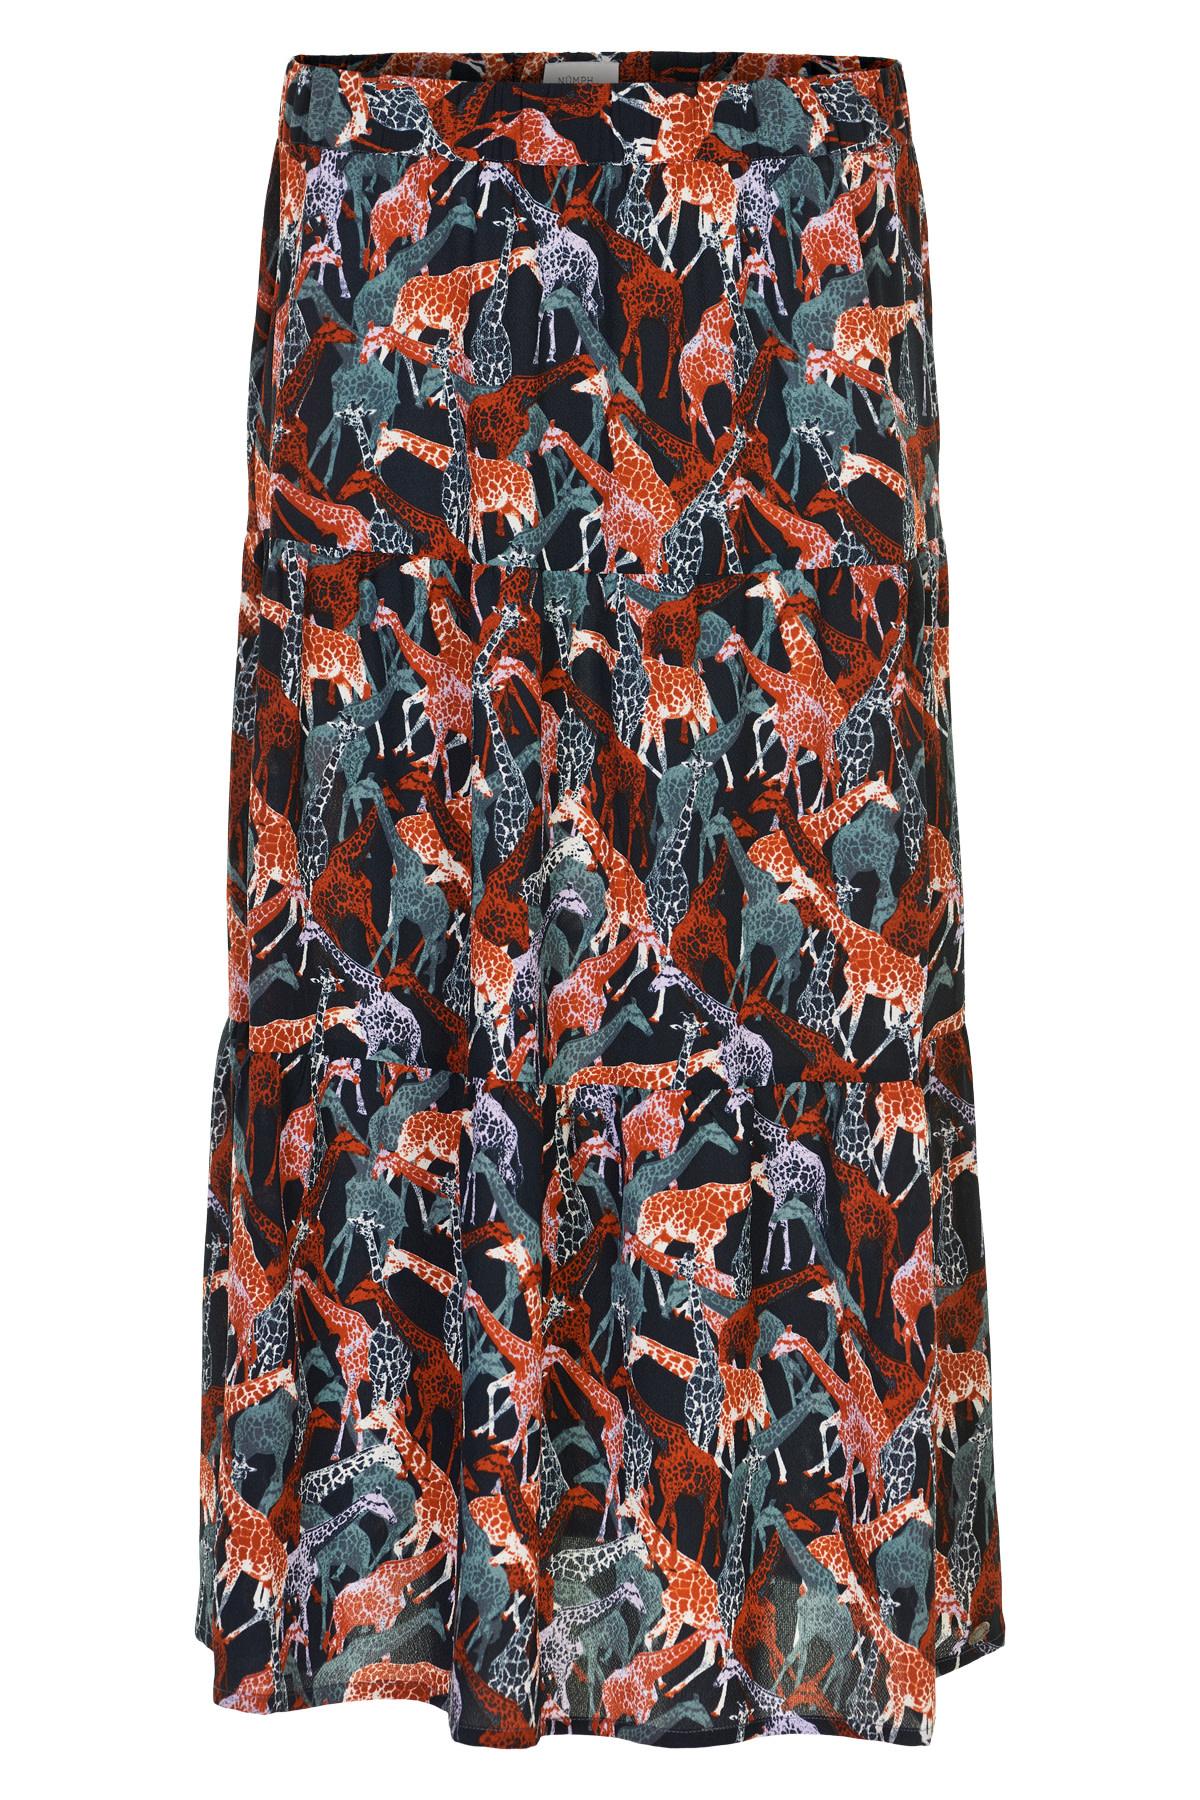 Nümph Abia Skirt